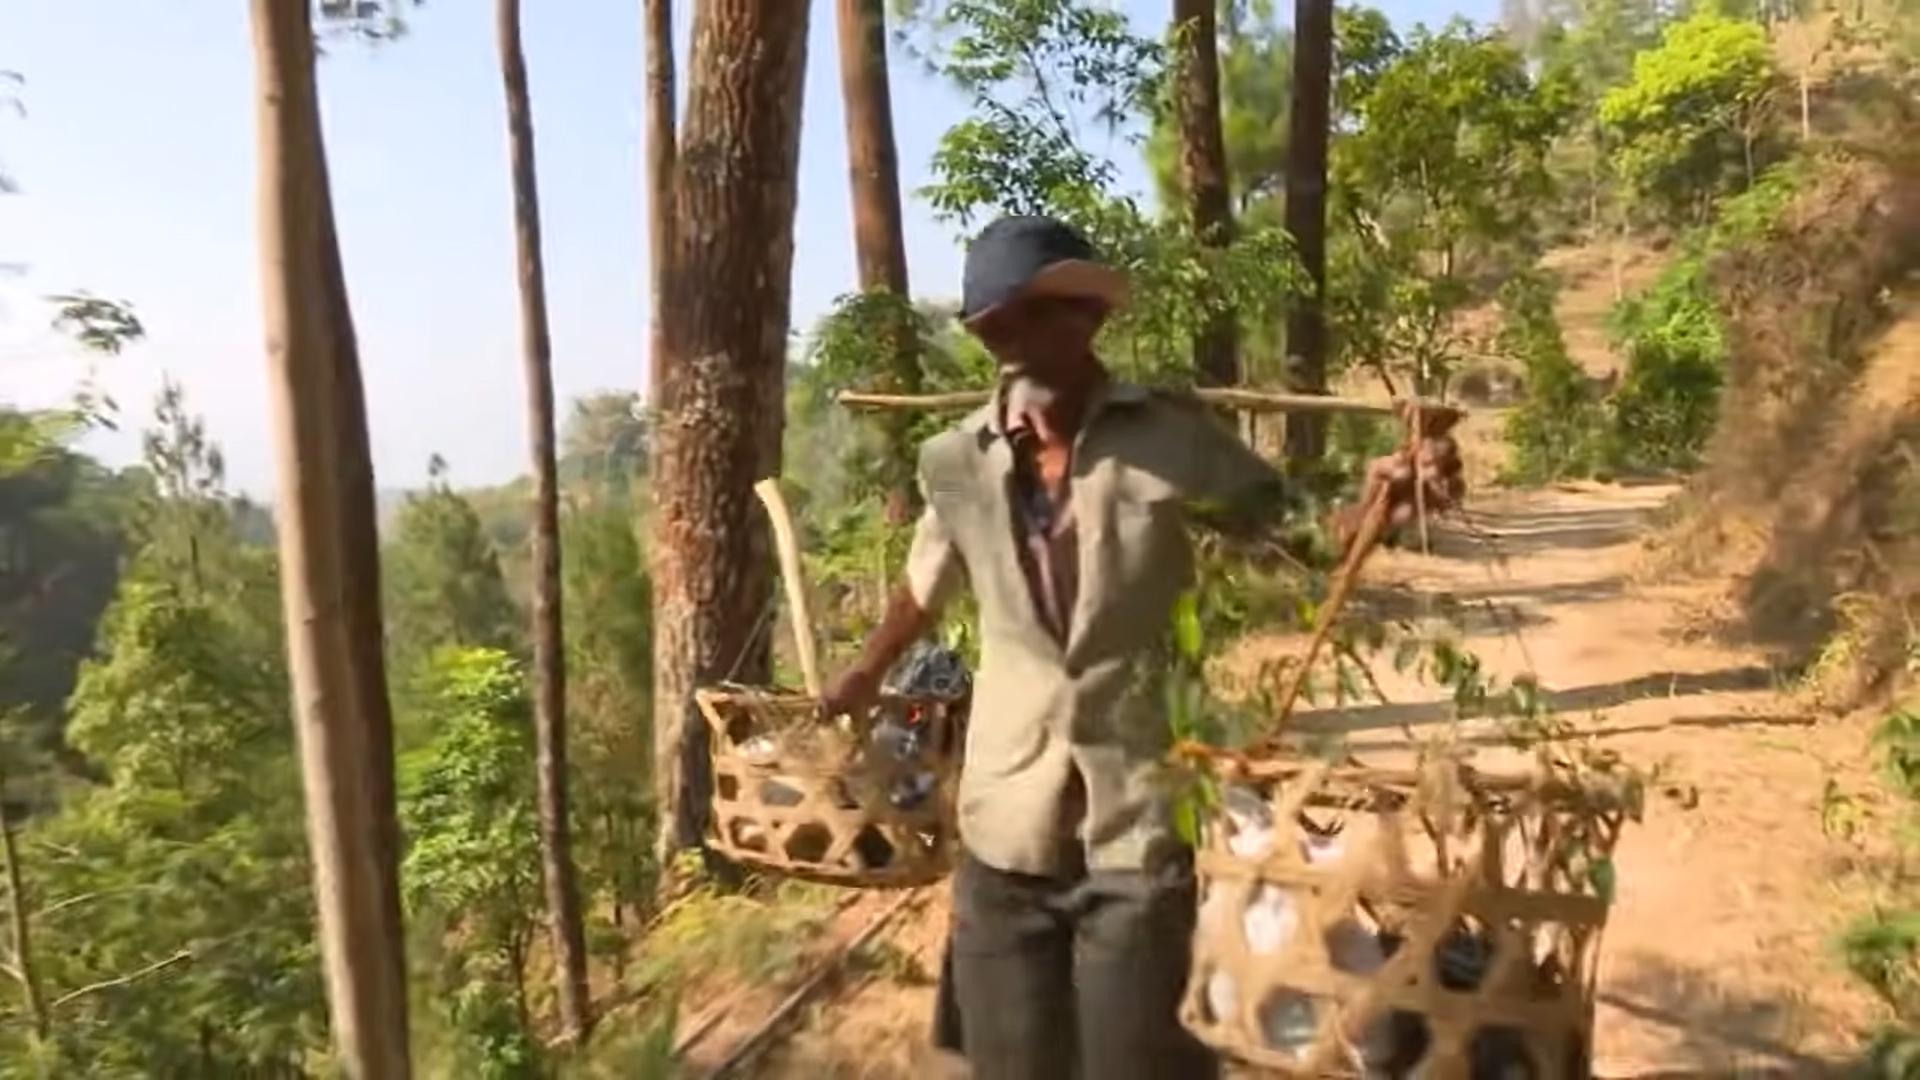 Un bărbat a plantat de unul singur o pădure întreagă. Sătenii îl credeau nebun, dar după 24 de ani au scăpat de secetă